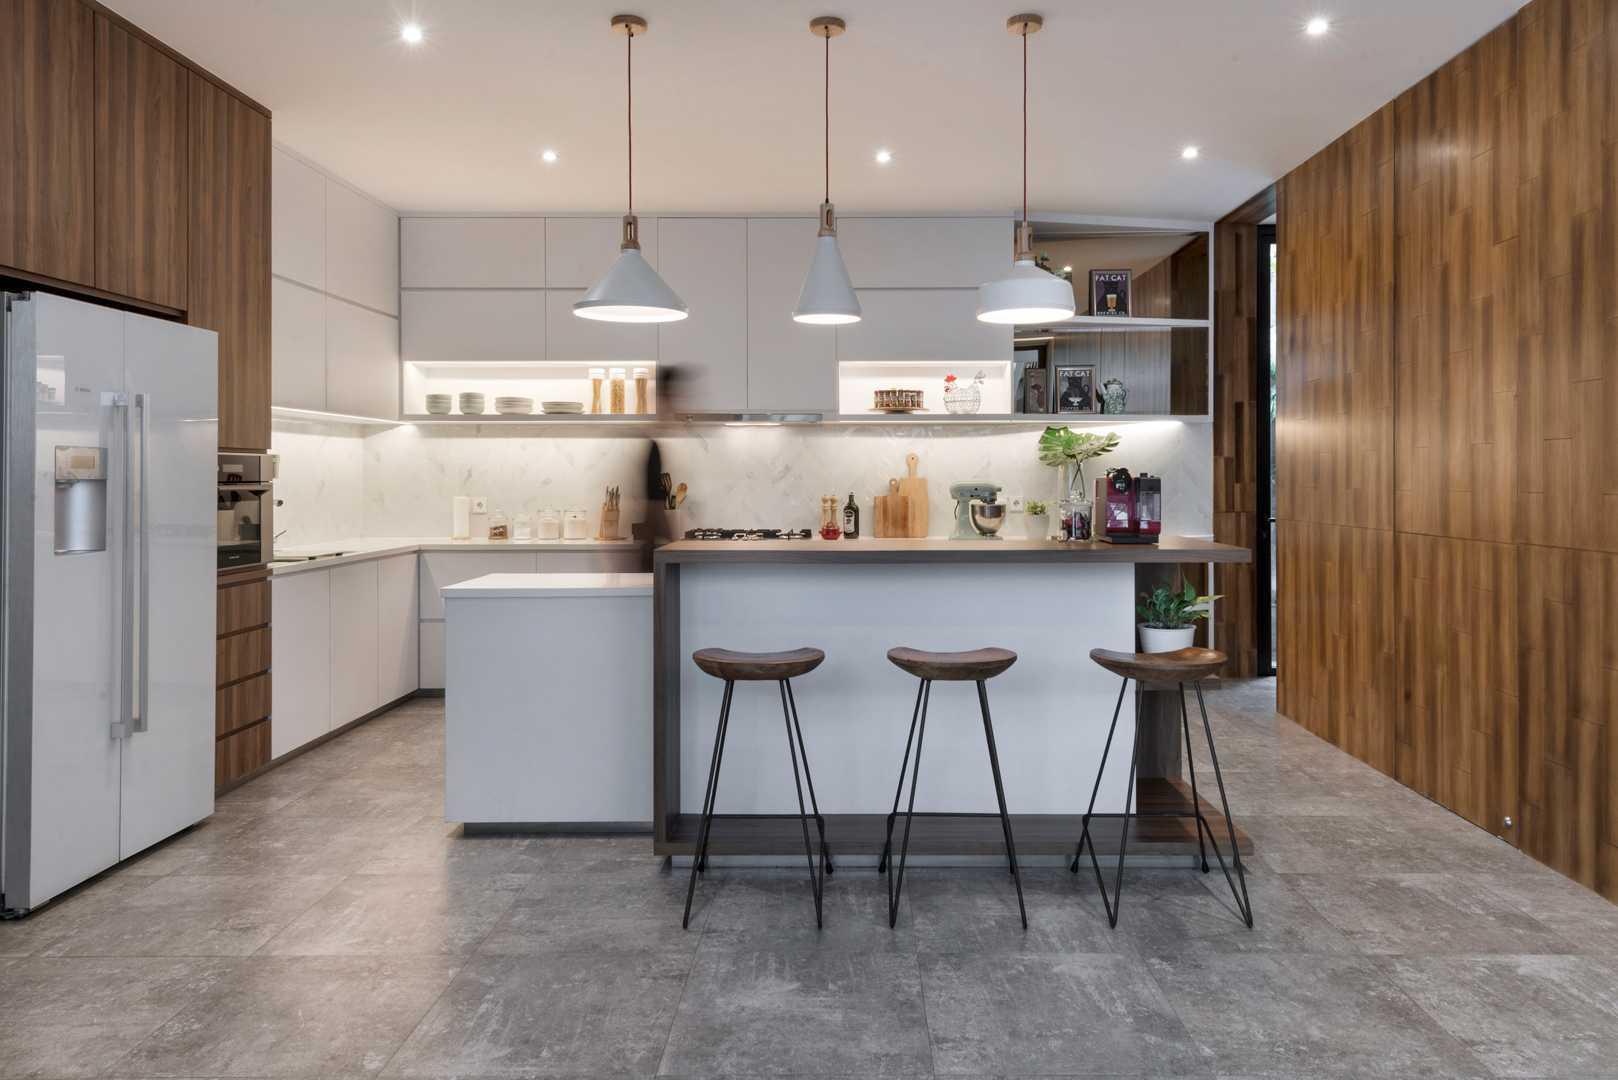 Dapur minimalis yang simple, elegan, dan multifungsi (Sumber: arsitag.com)